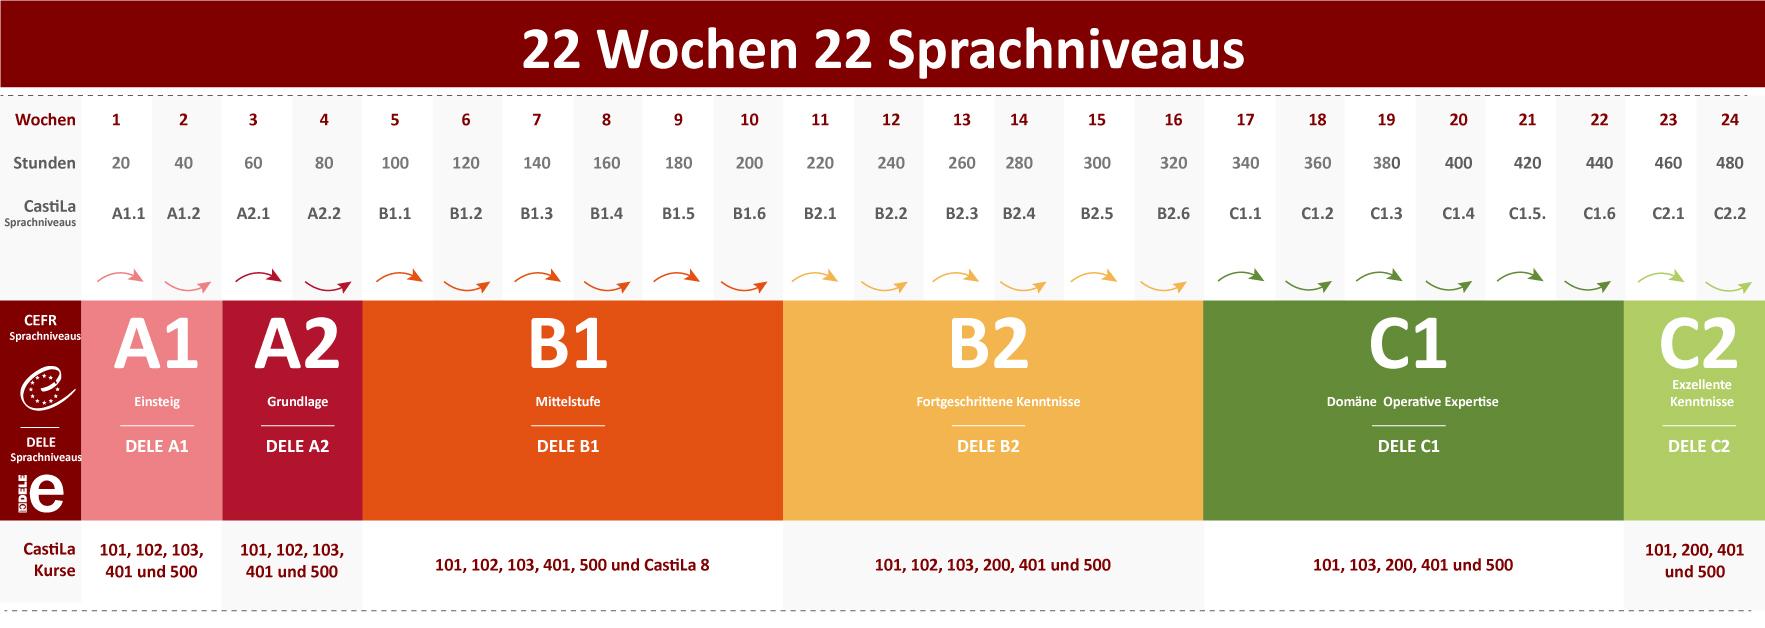 22 wochen 22 spachniveaus